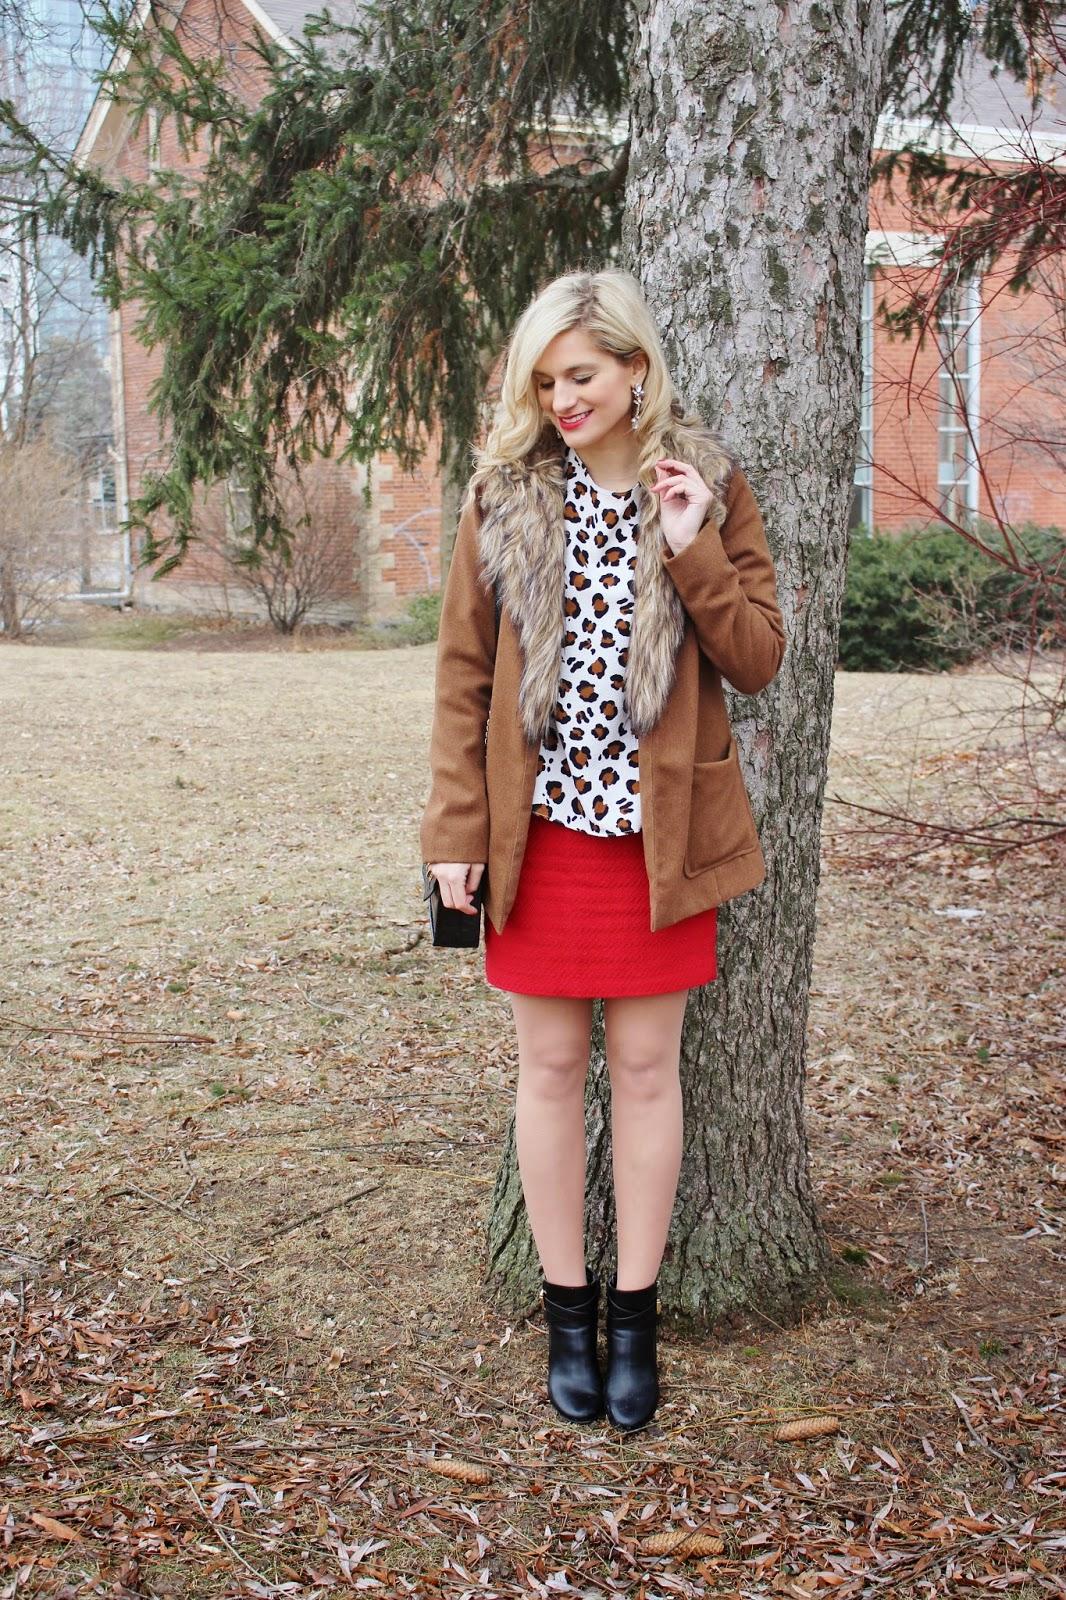 bijuleni - animal print top and red skirt